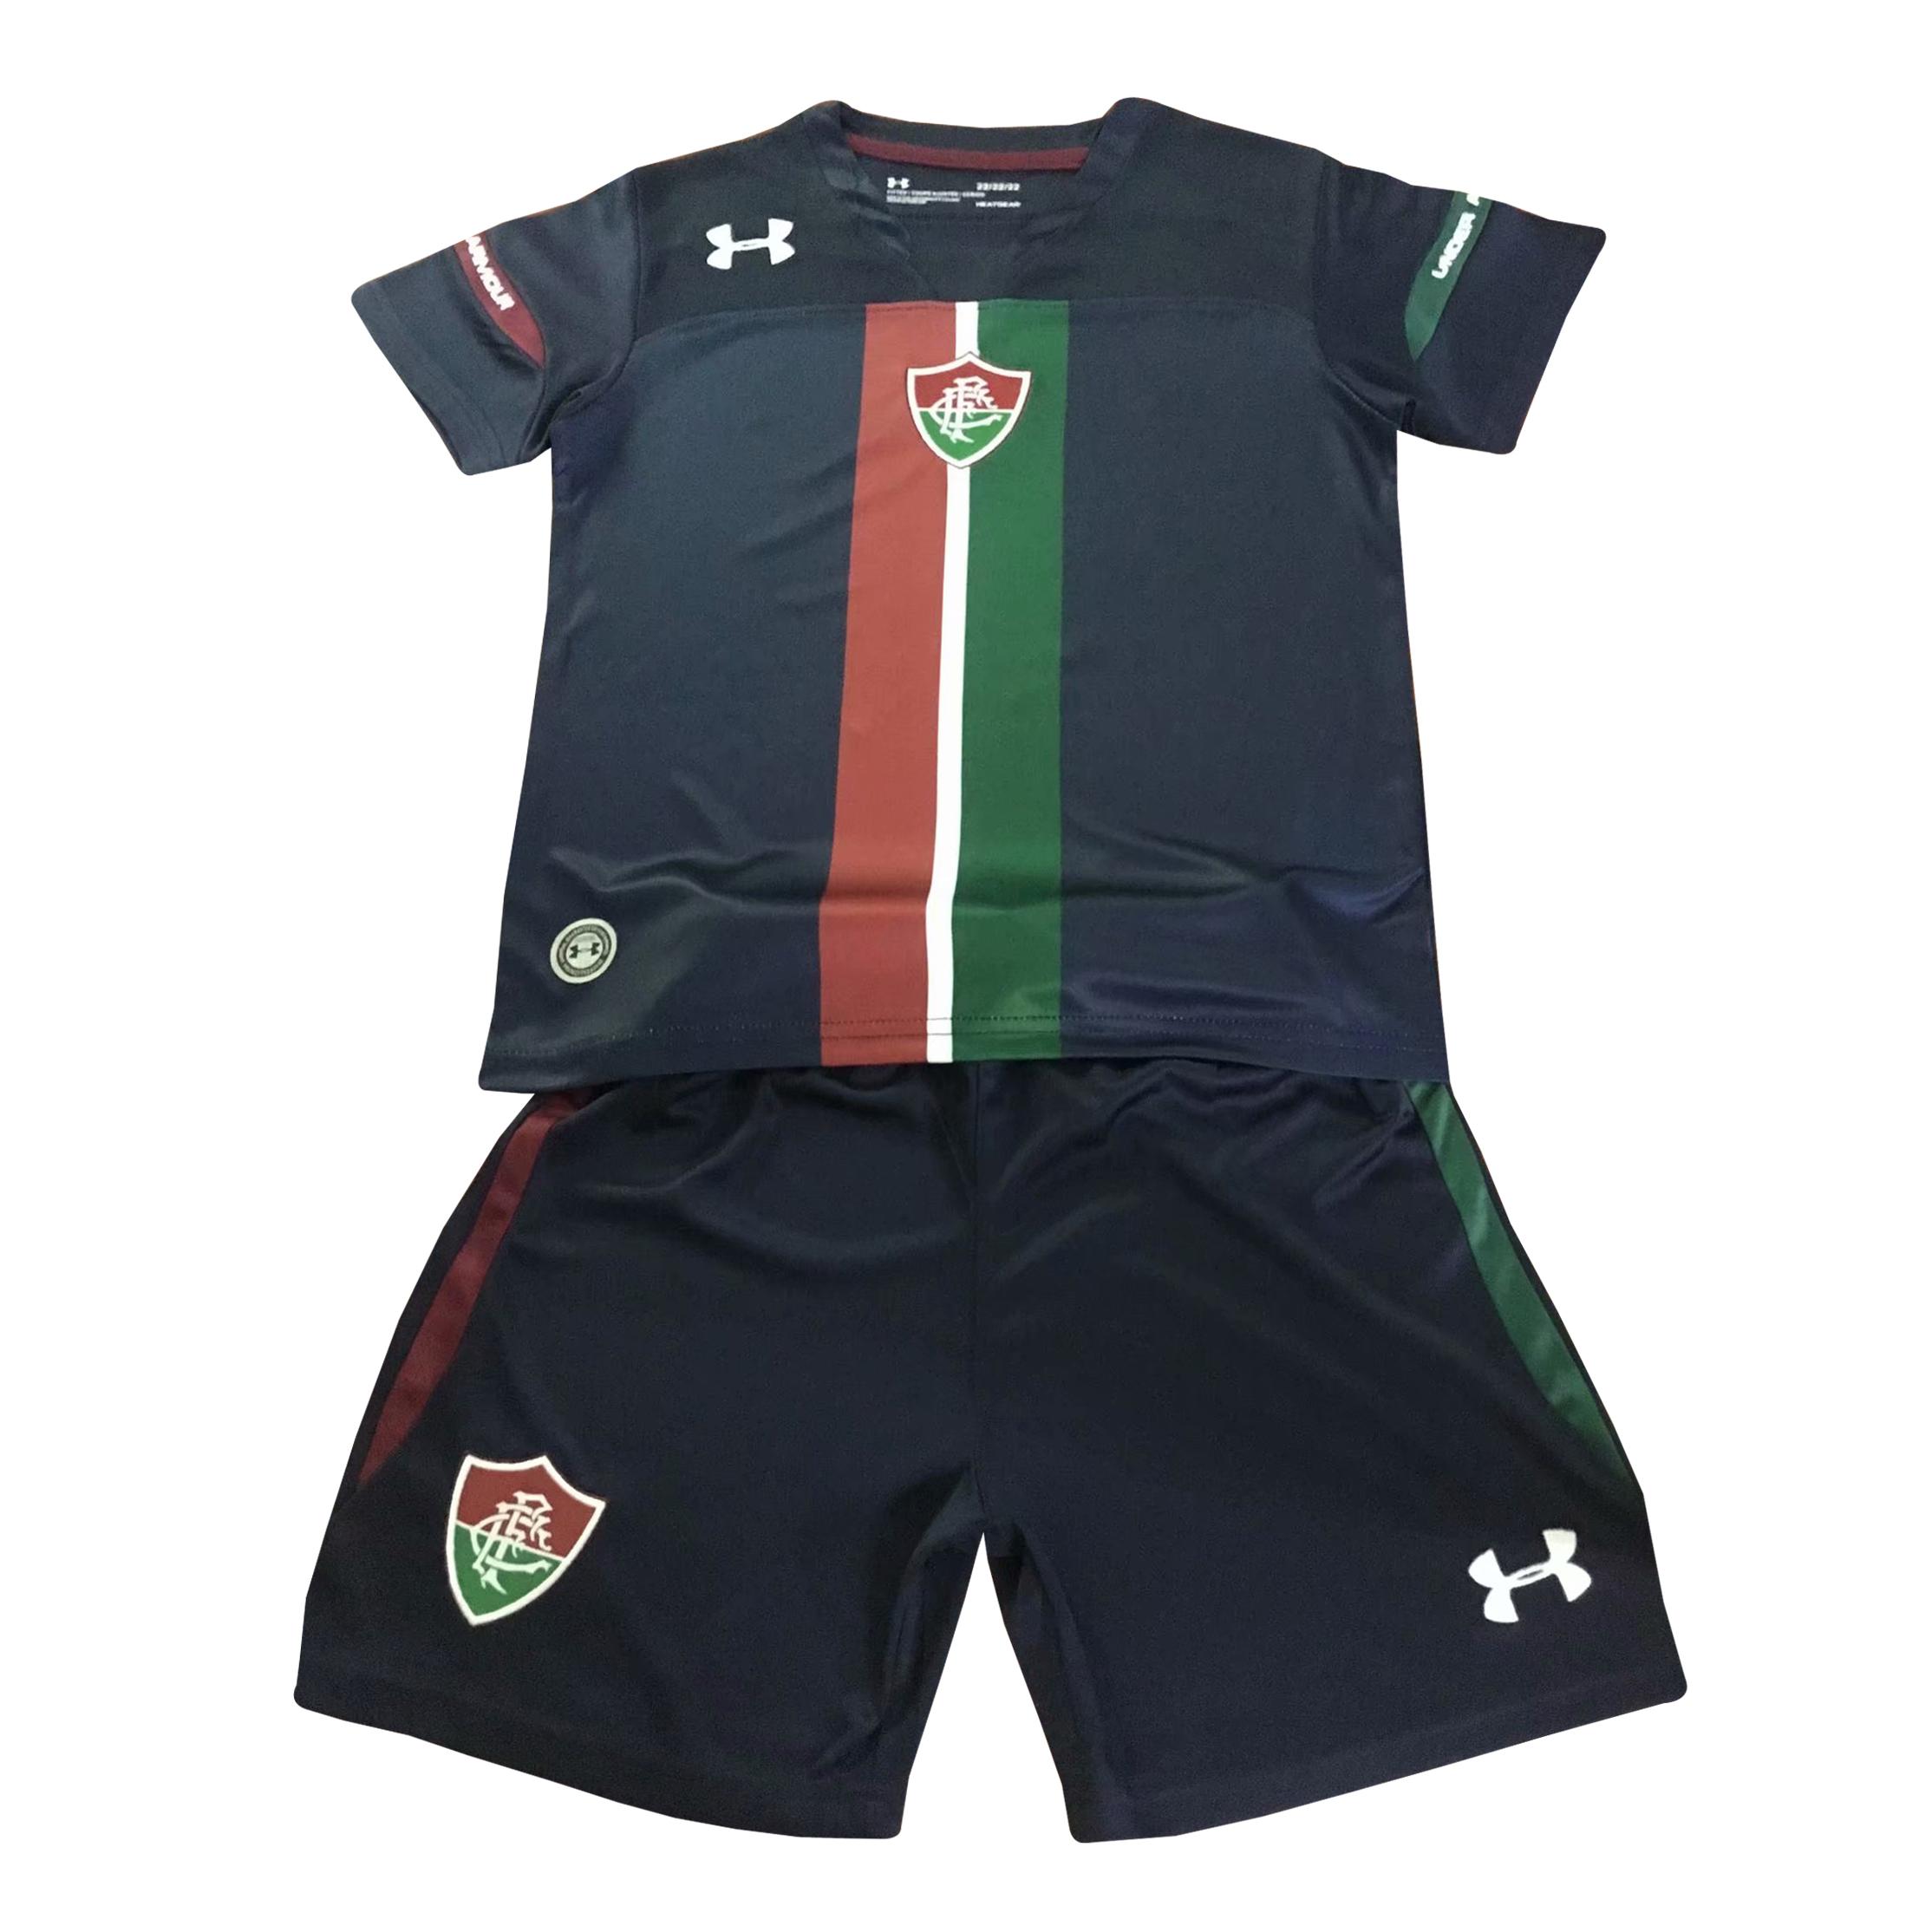 e165826d691 US$ 14.8 - Fluminense Third Jersey Kids' 2019/20 - www.fcsoccerworld.com